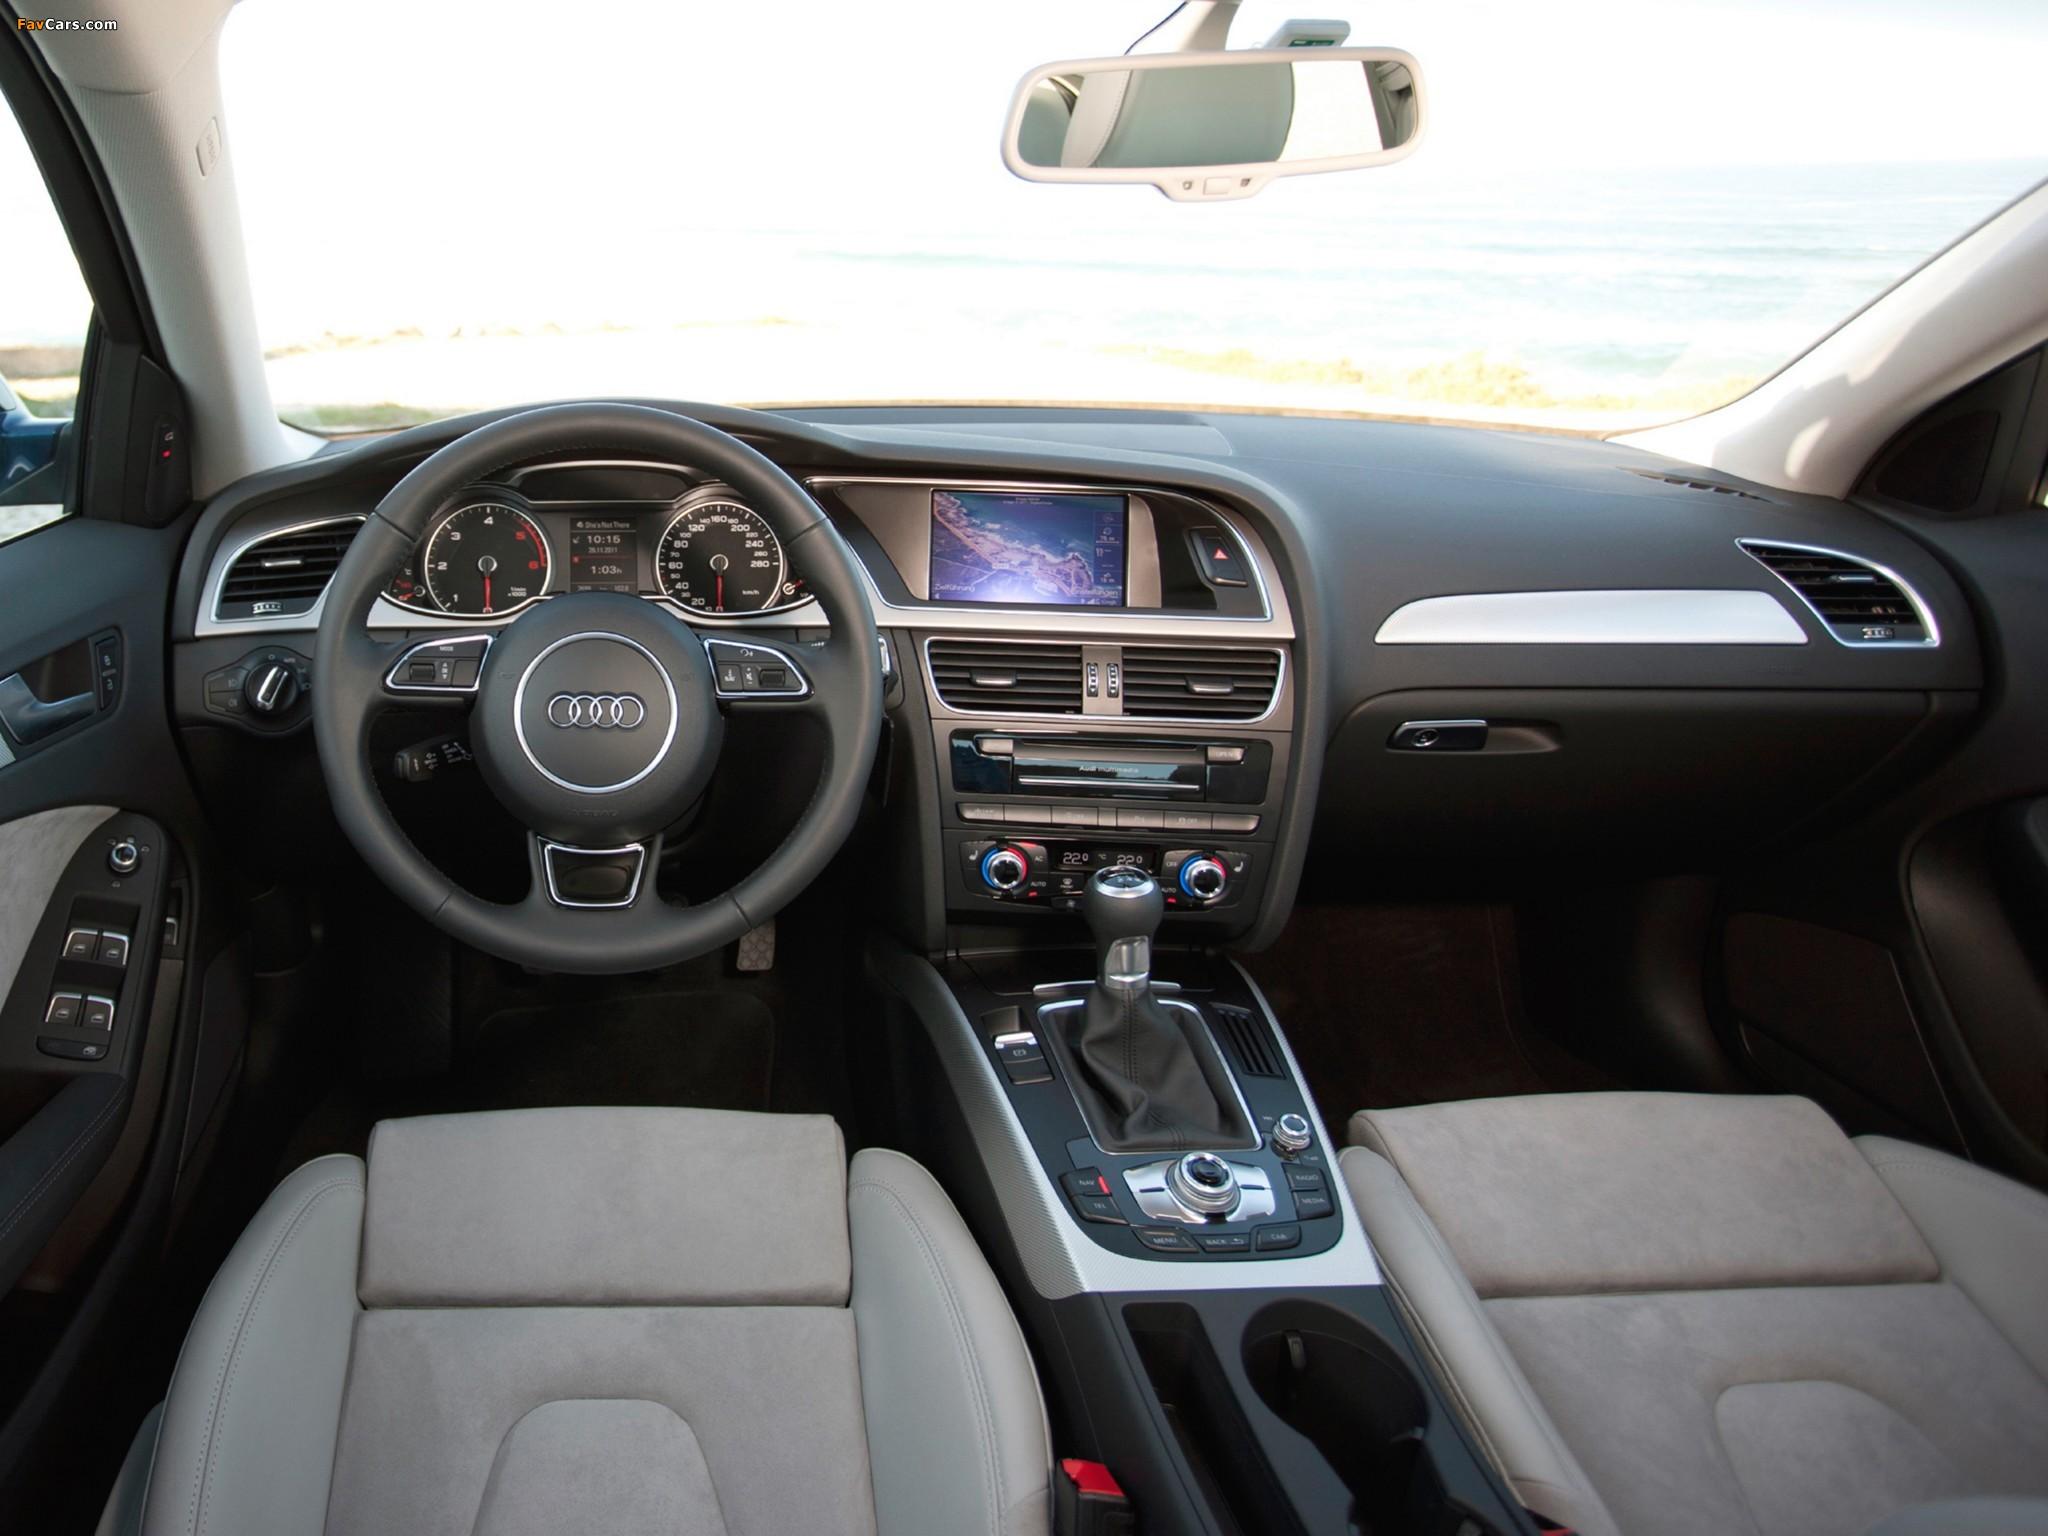 Какие файлы может проигрывать магнитола на Audi А4 В8?